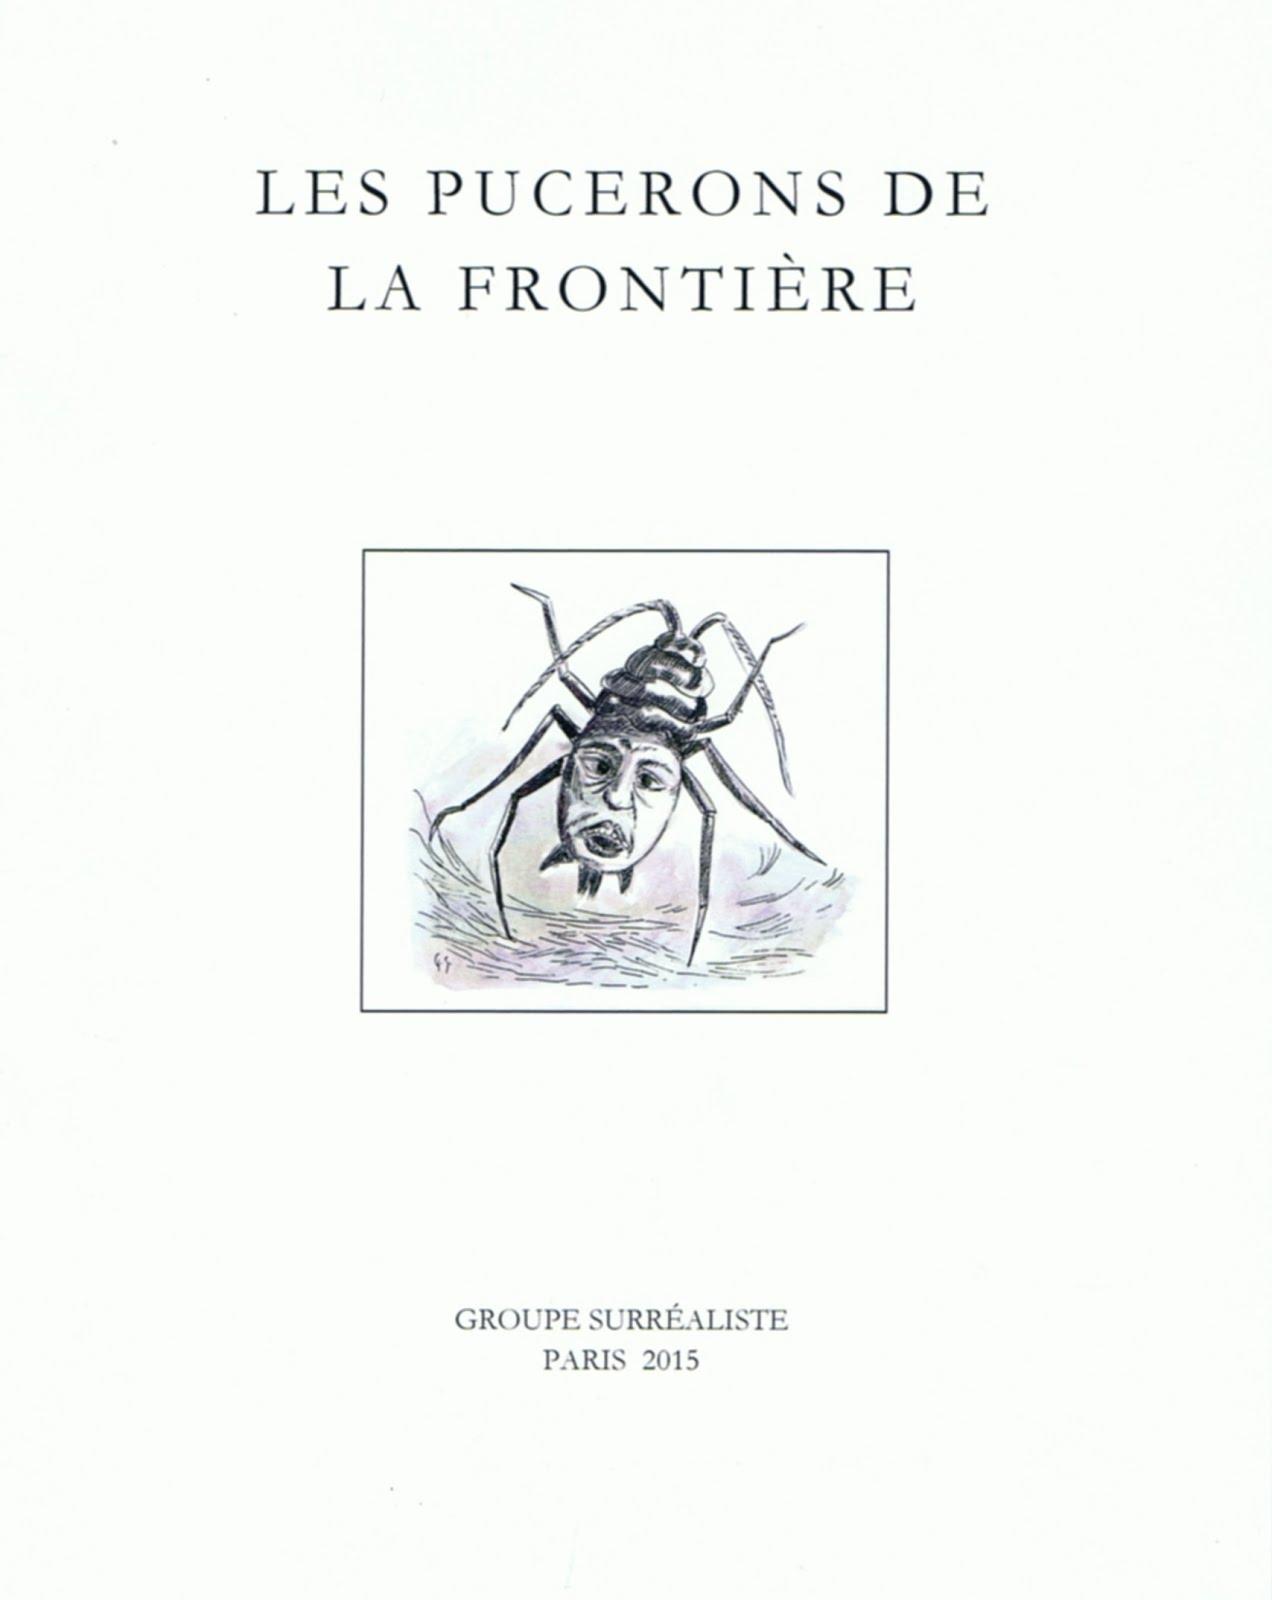 LES PUCERONS DE LA FRONTIERE, juin 2015